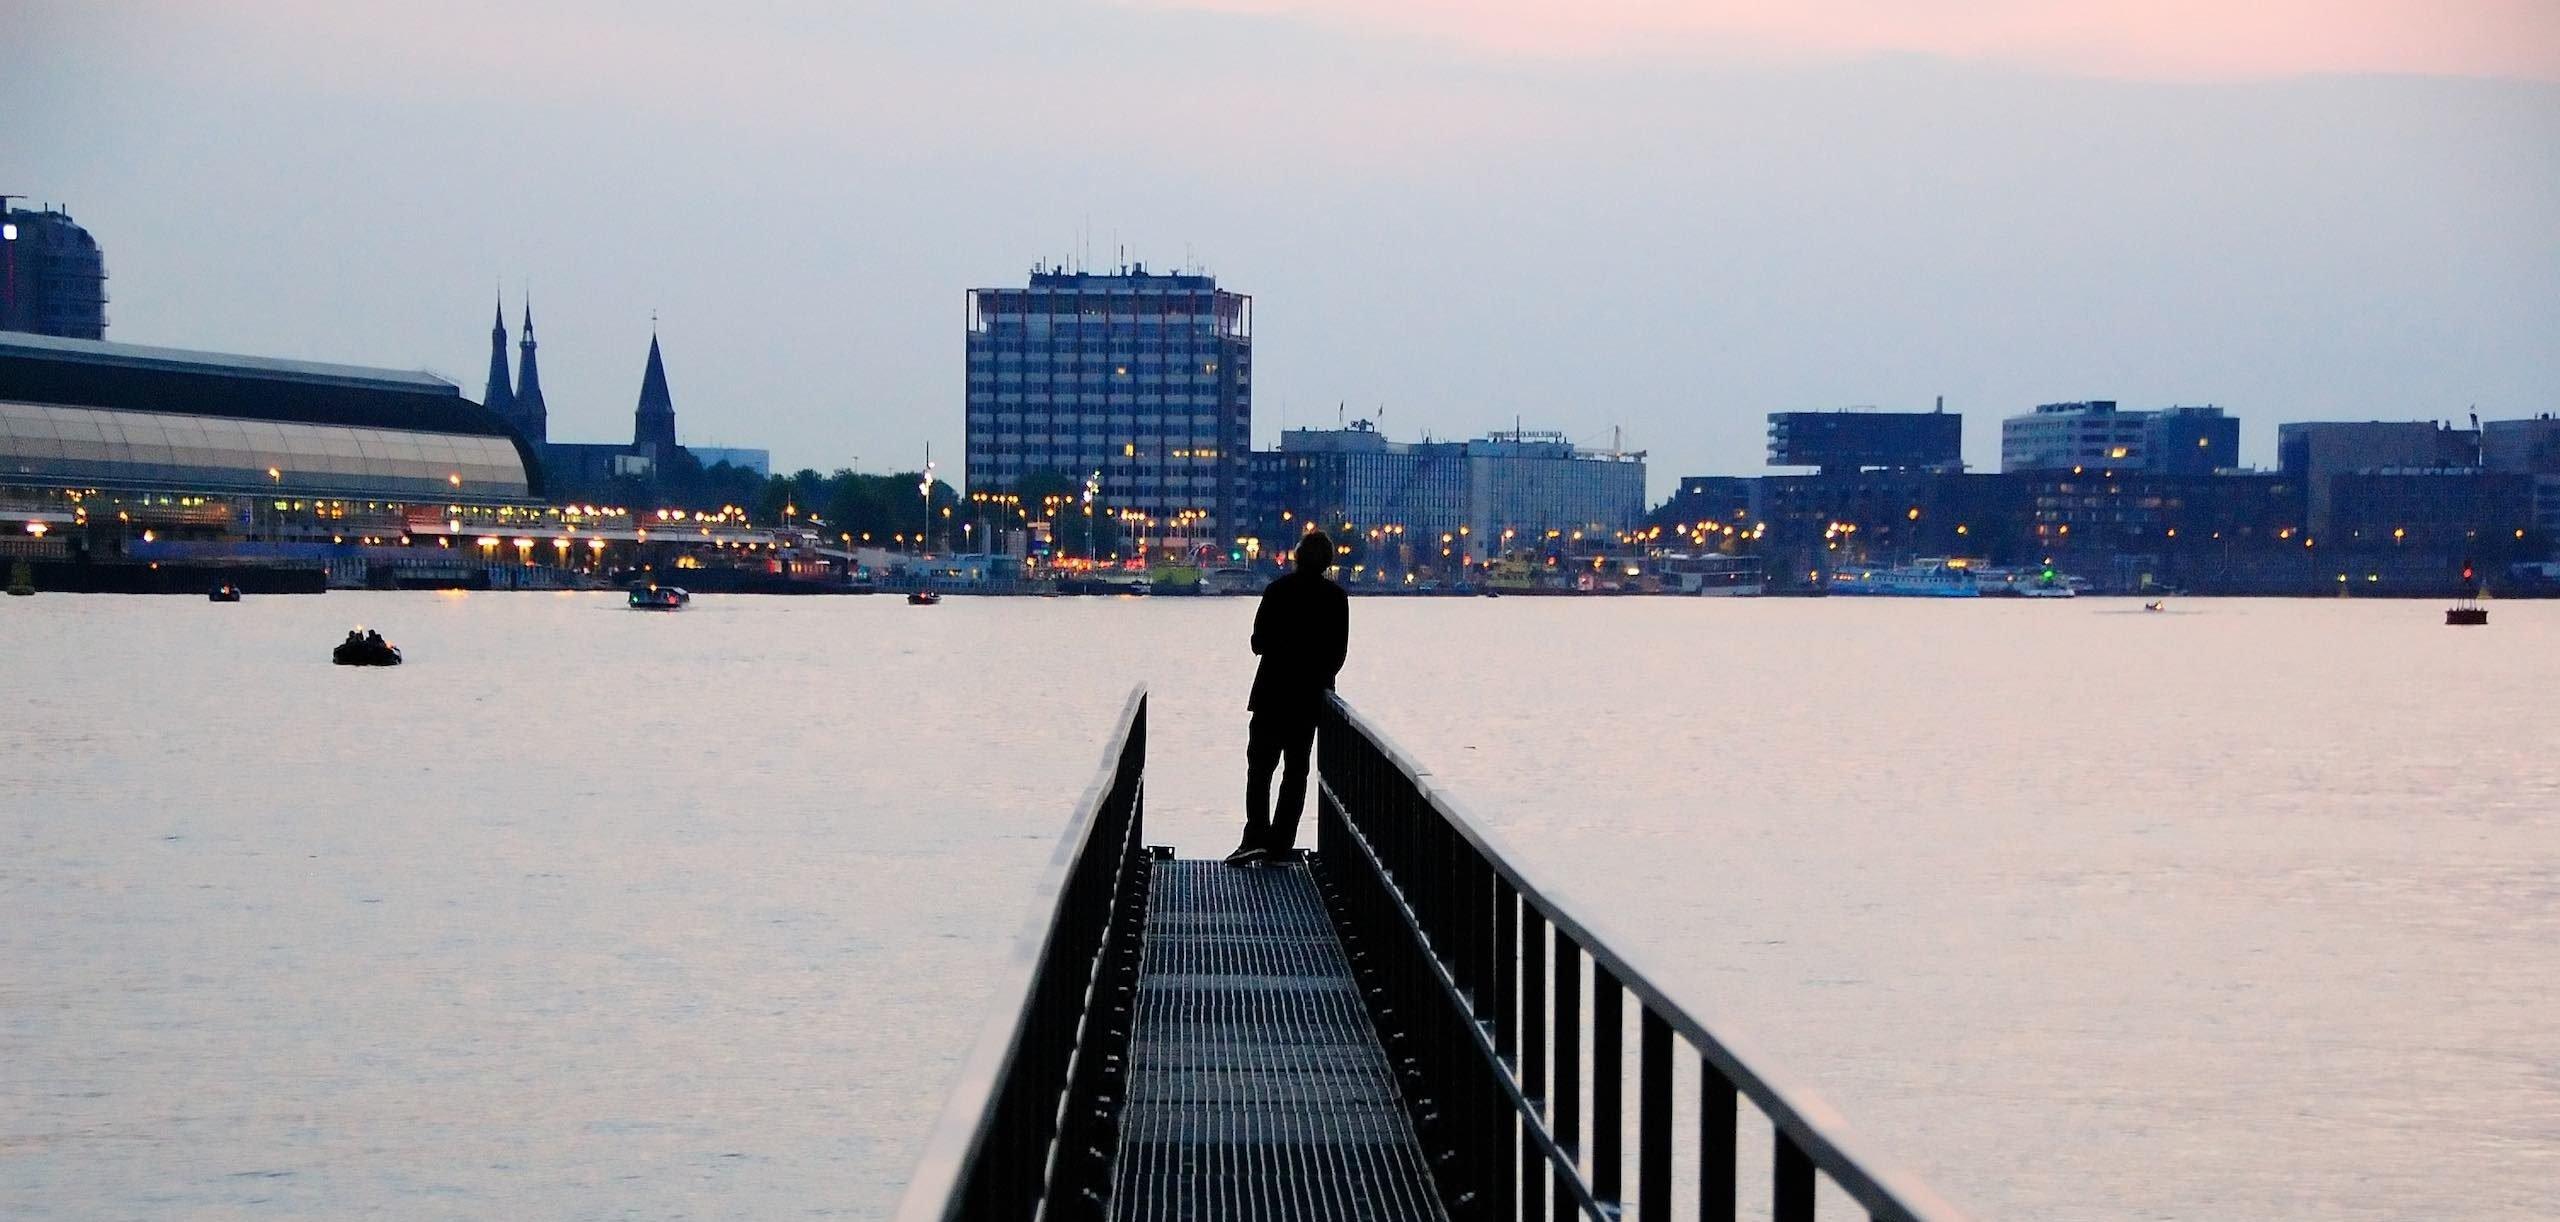 Amsterdam HERO image